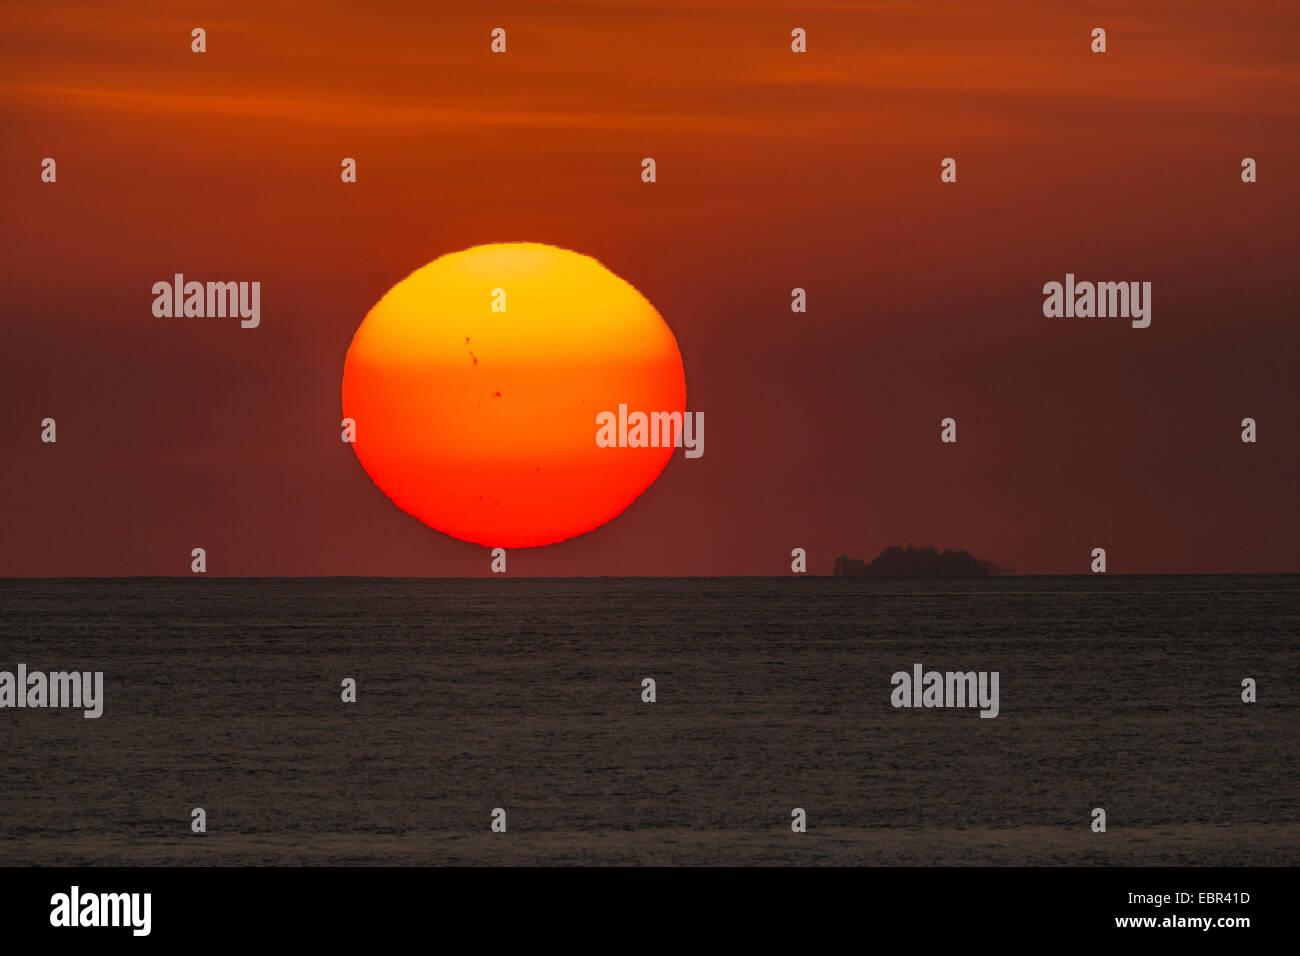 Soleil avec taches coucher sur l'océan Pacifique, le Costa Rica, Pazifikkueste Photo Stock